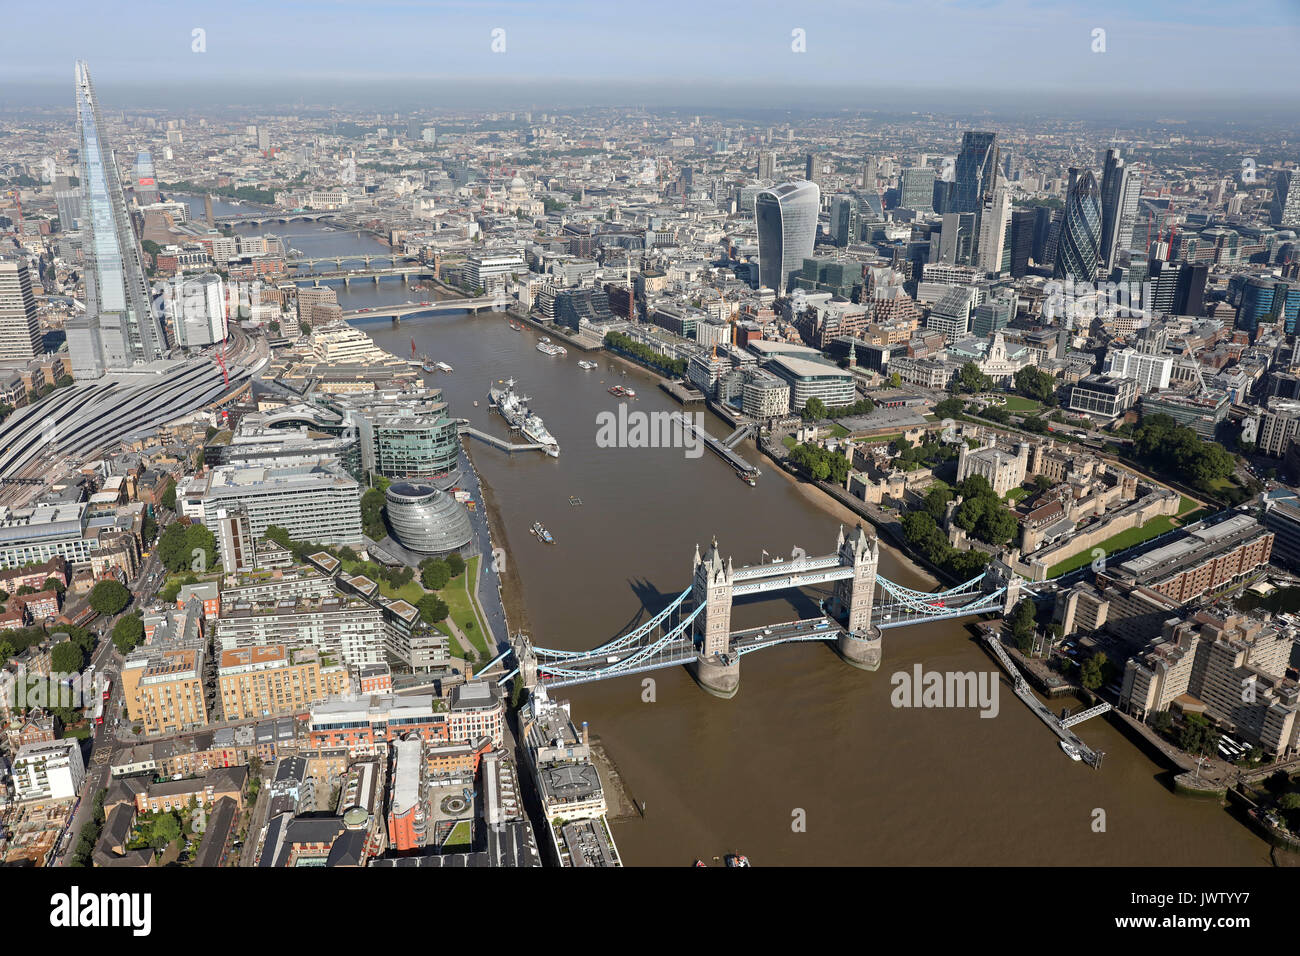 Luftbild von der Tower Bridge, Shard, Themse, und der Londoner City Skyline Stockbild